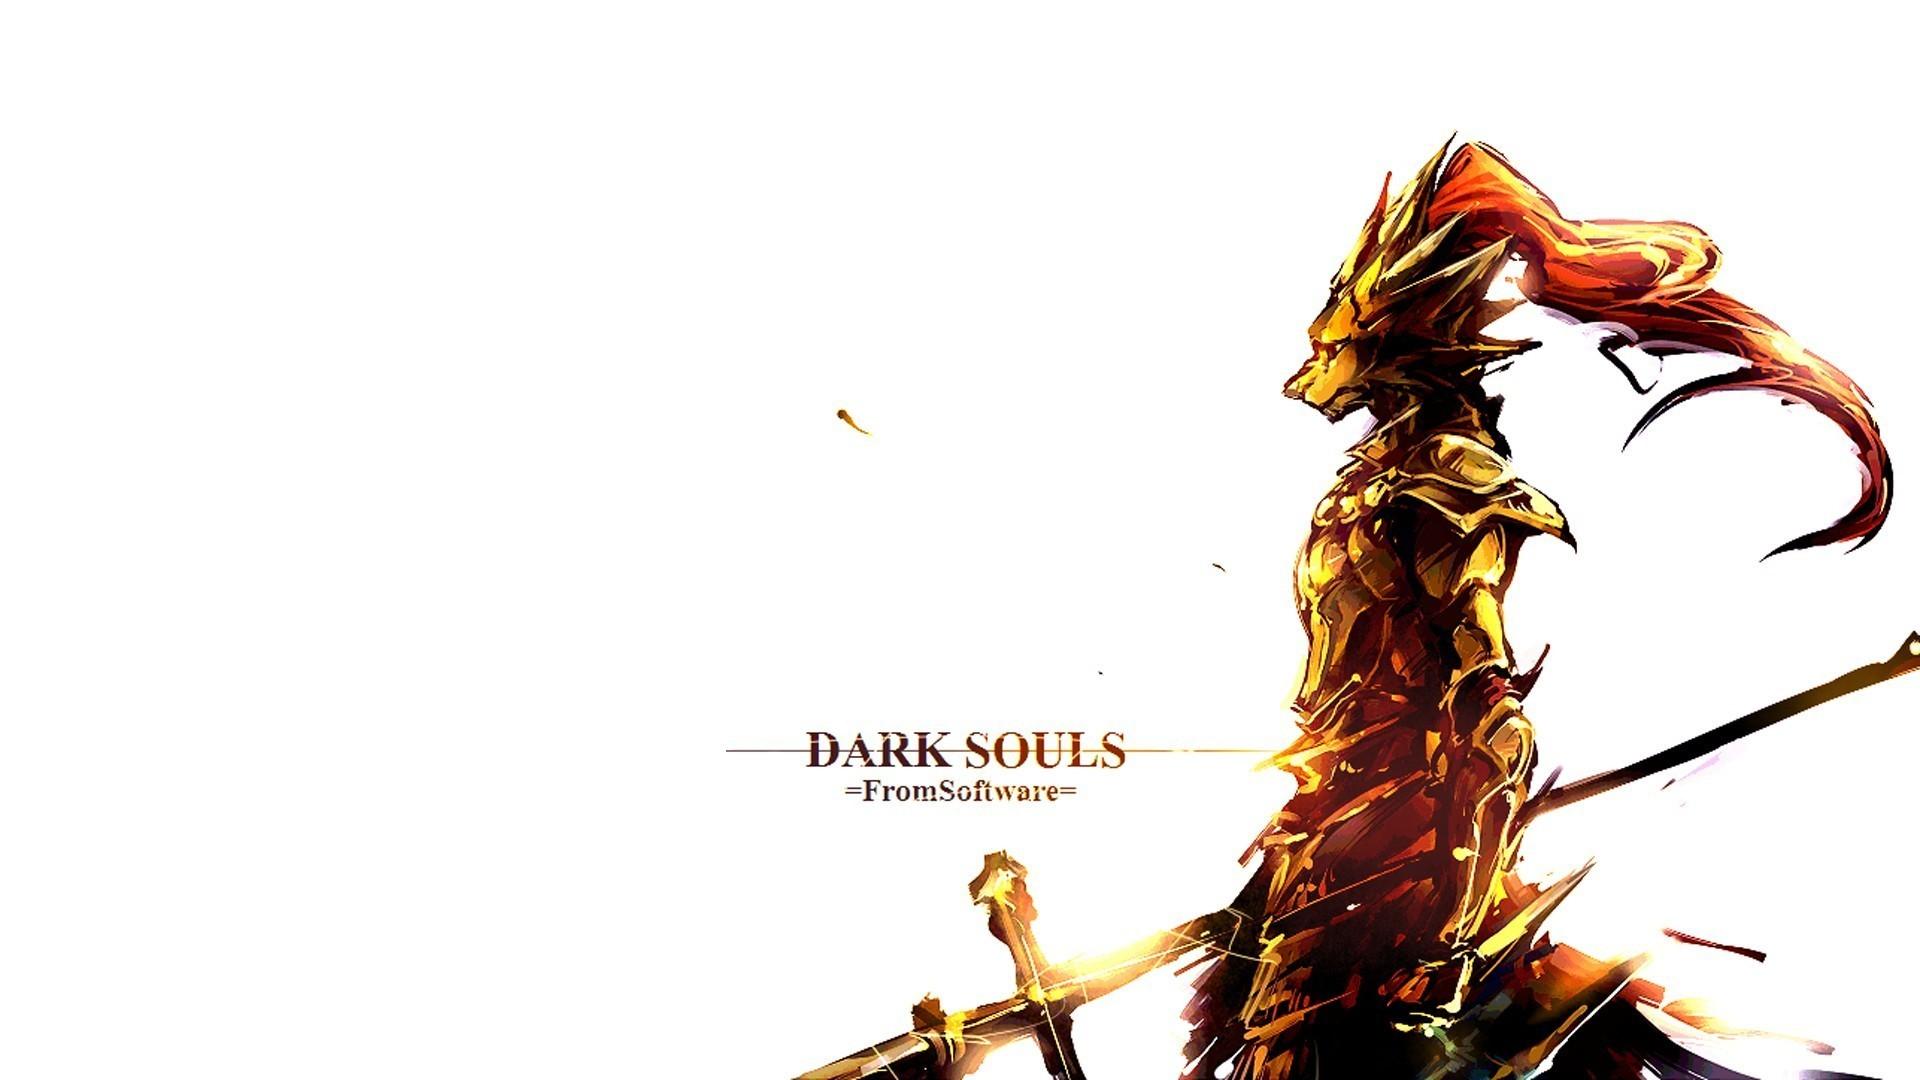 Dark Souls Warrior Games fantasy wallpaper | | 195701 .